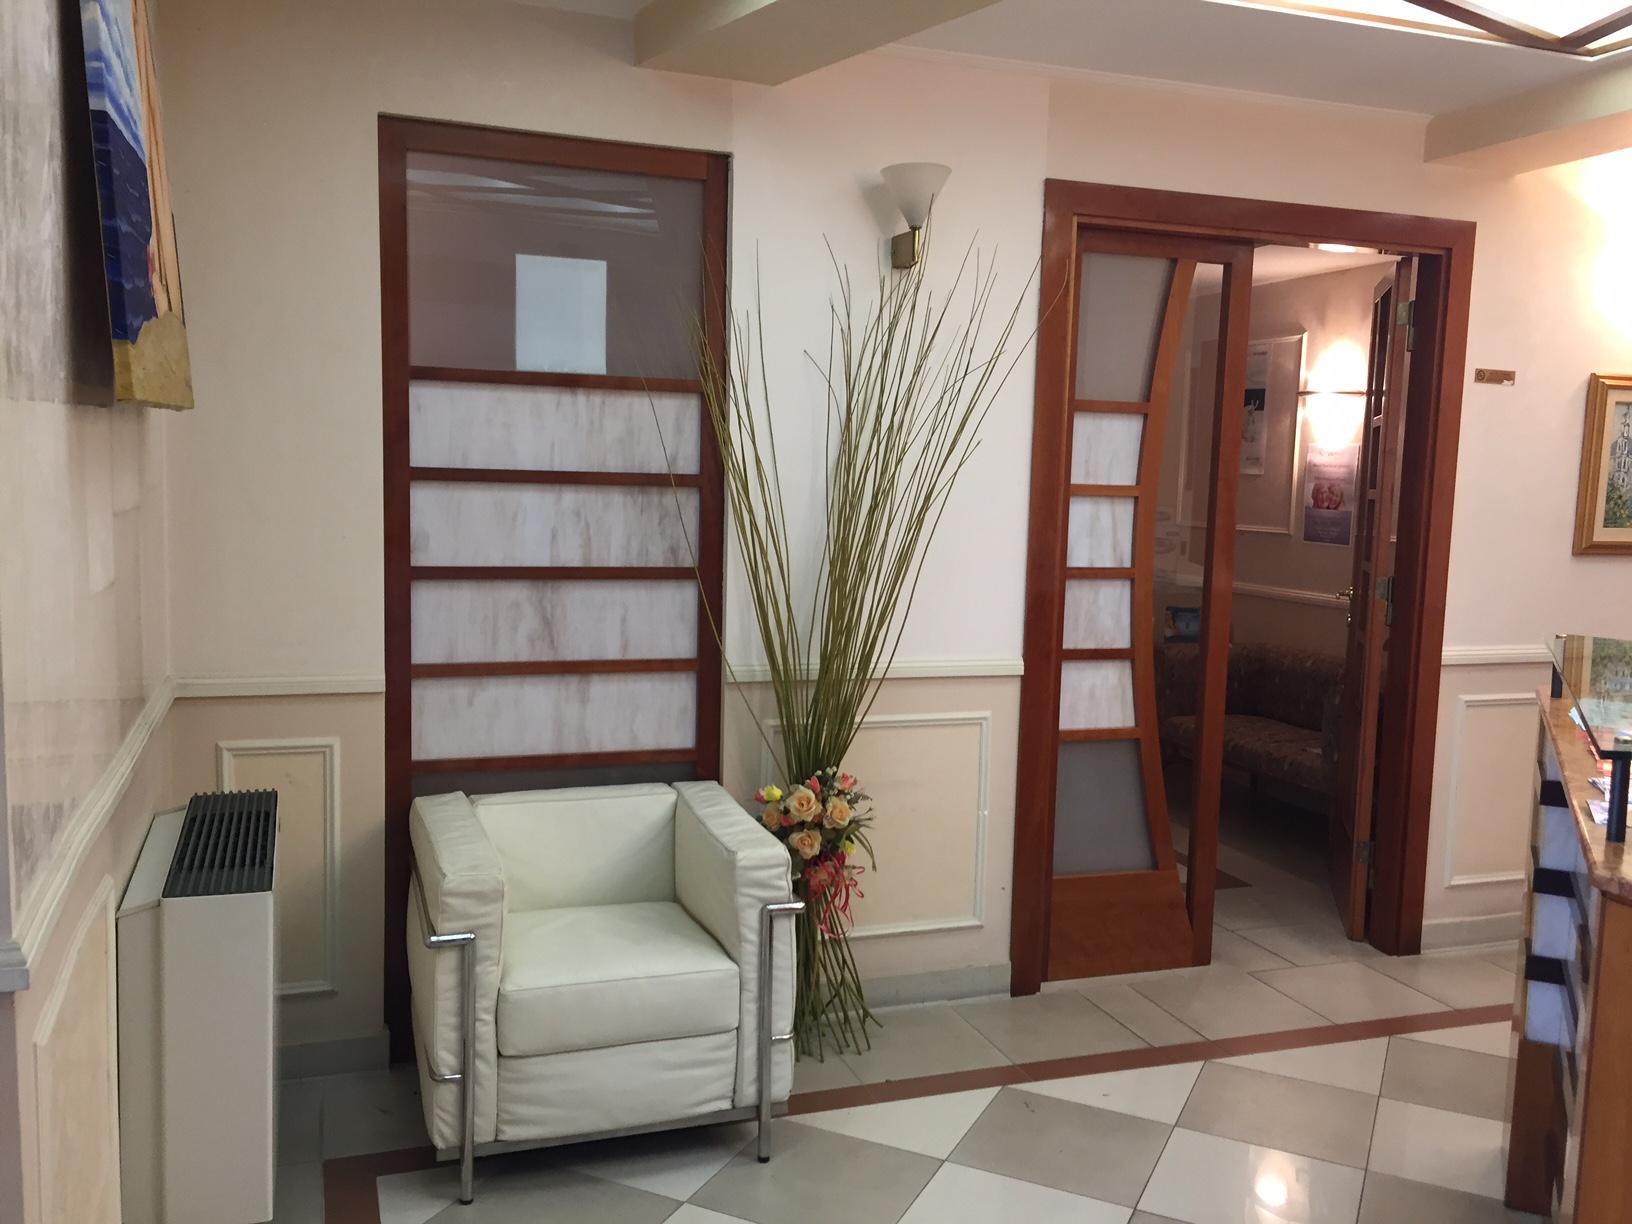 Ufficio / Studio in vendita a Viterbo, 9999 locali, zona Zona: Semicentro, prezzo € 165.000 | CambioCasa.it